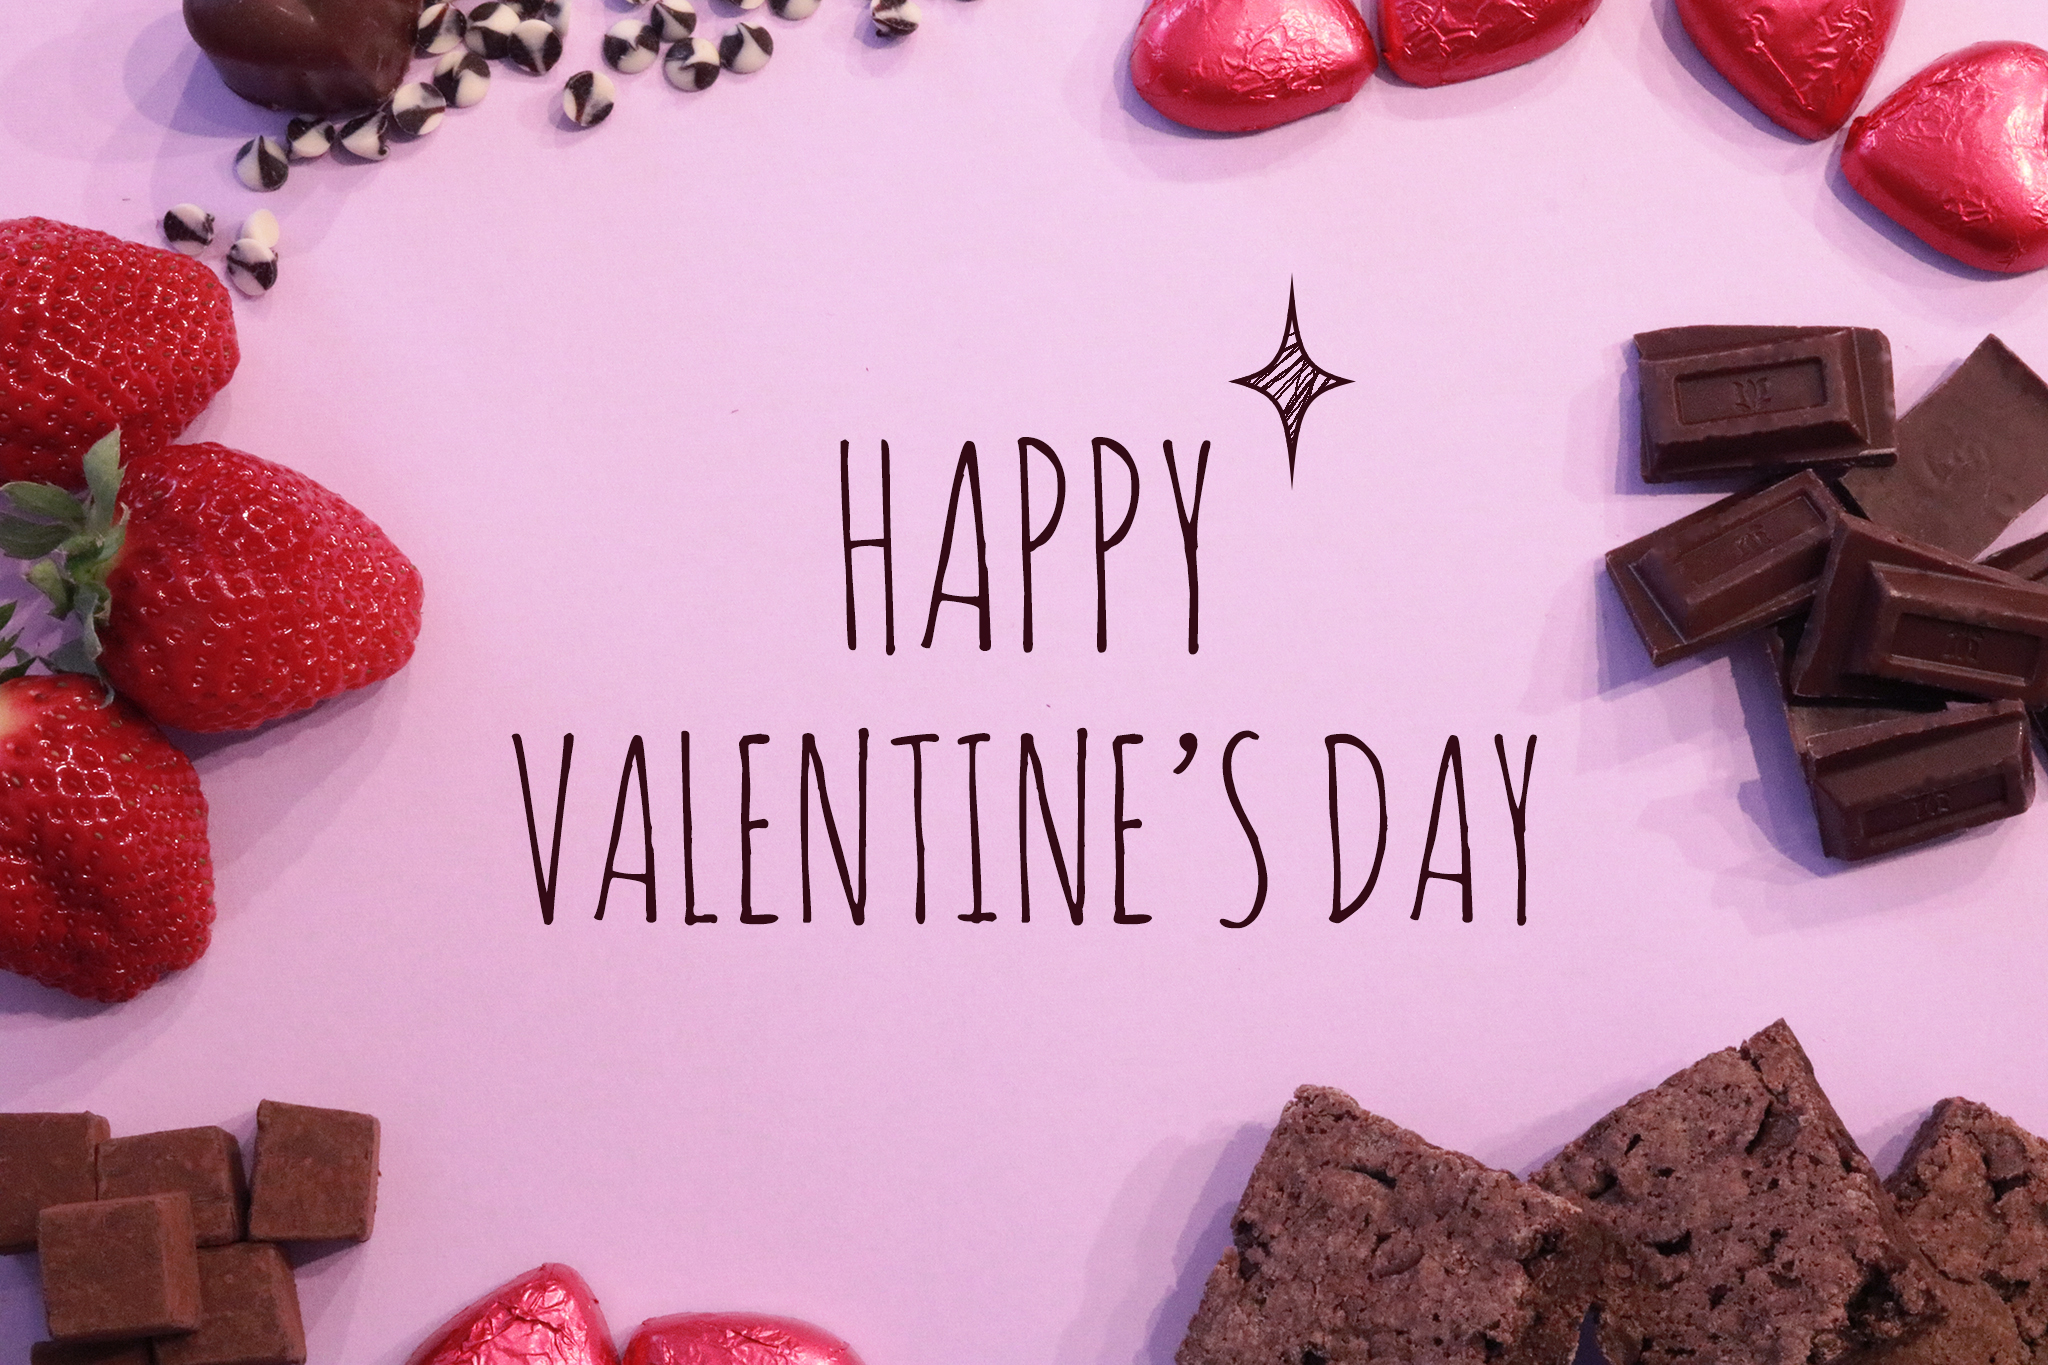 ハンクラBOT企画「バレンタイン企画」